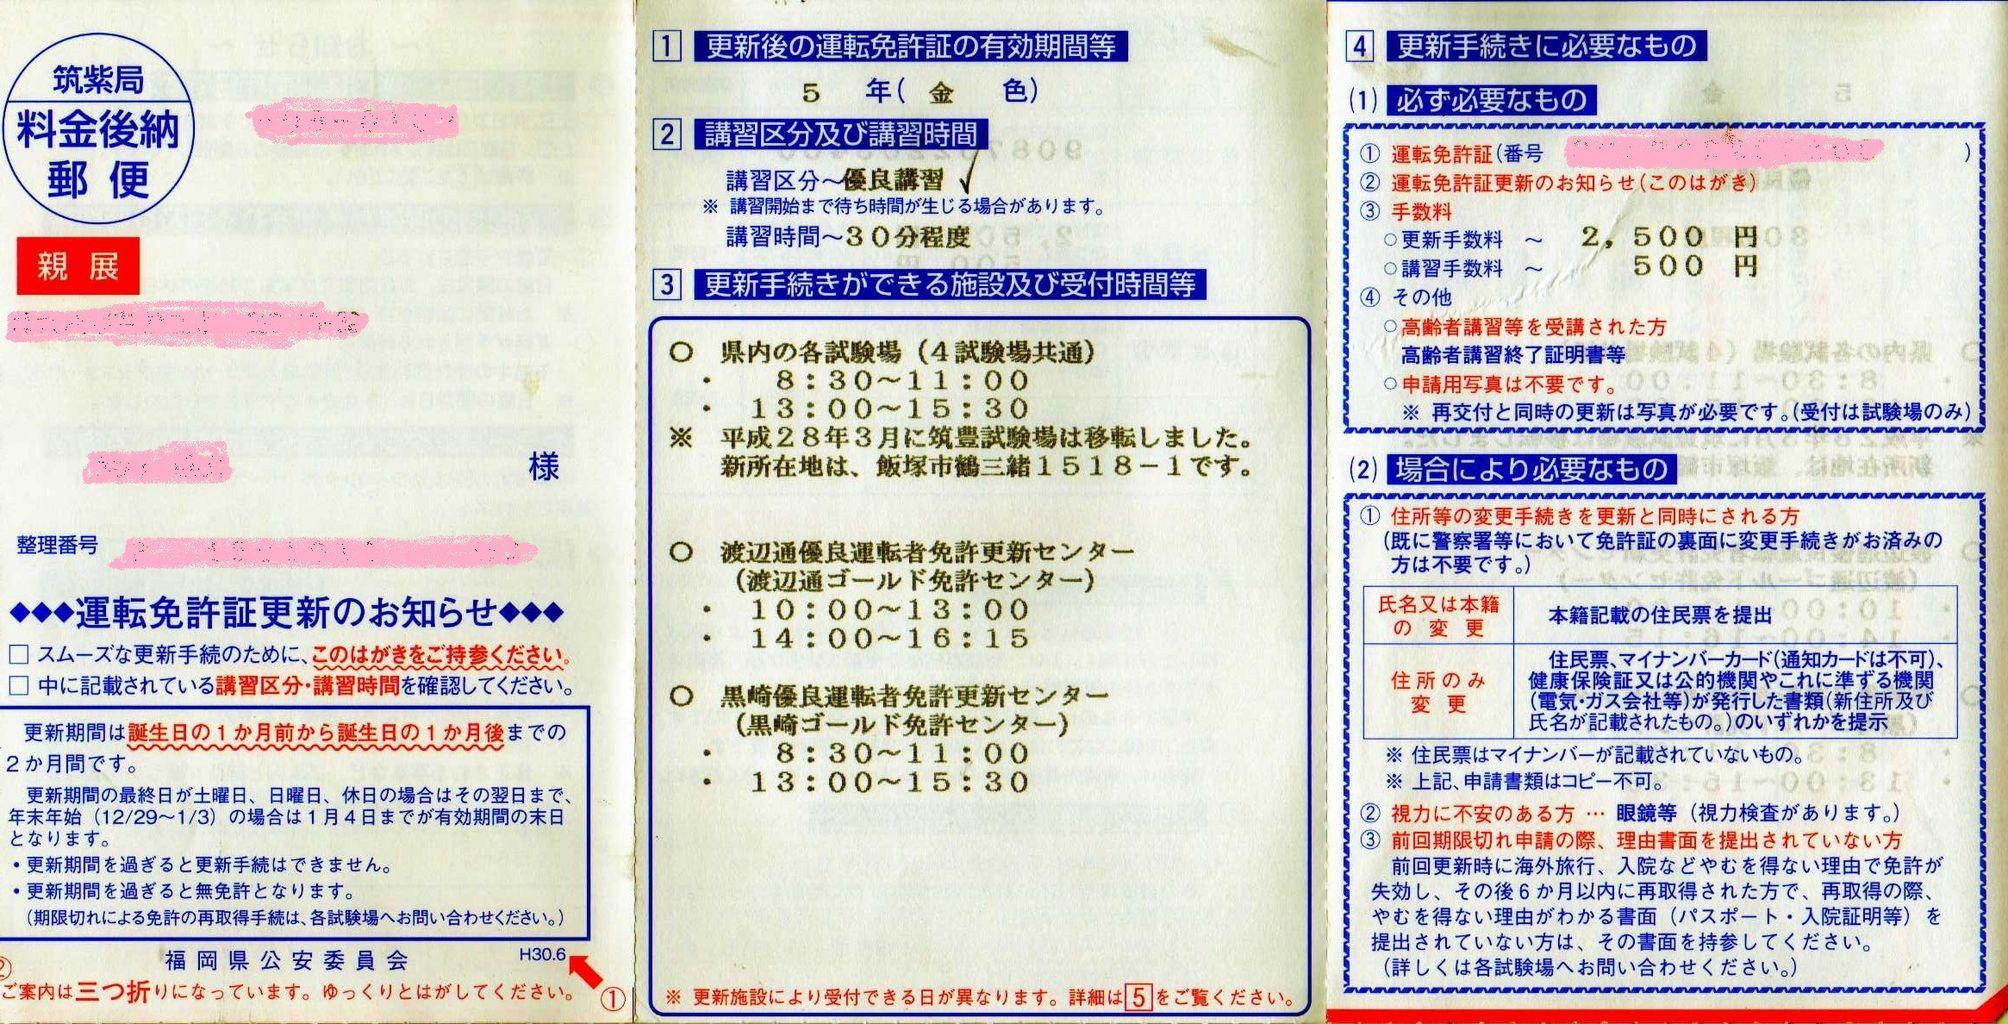 センター 黒崎 ゴールド 免許